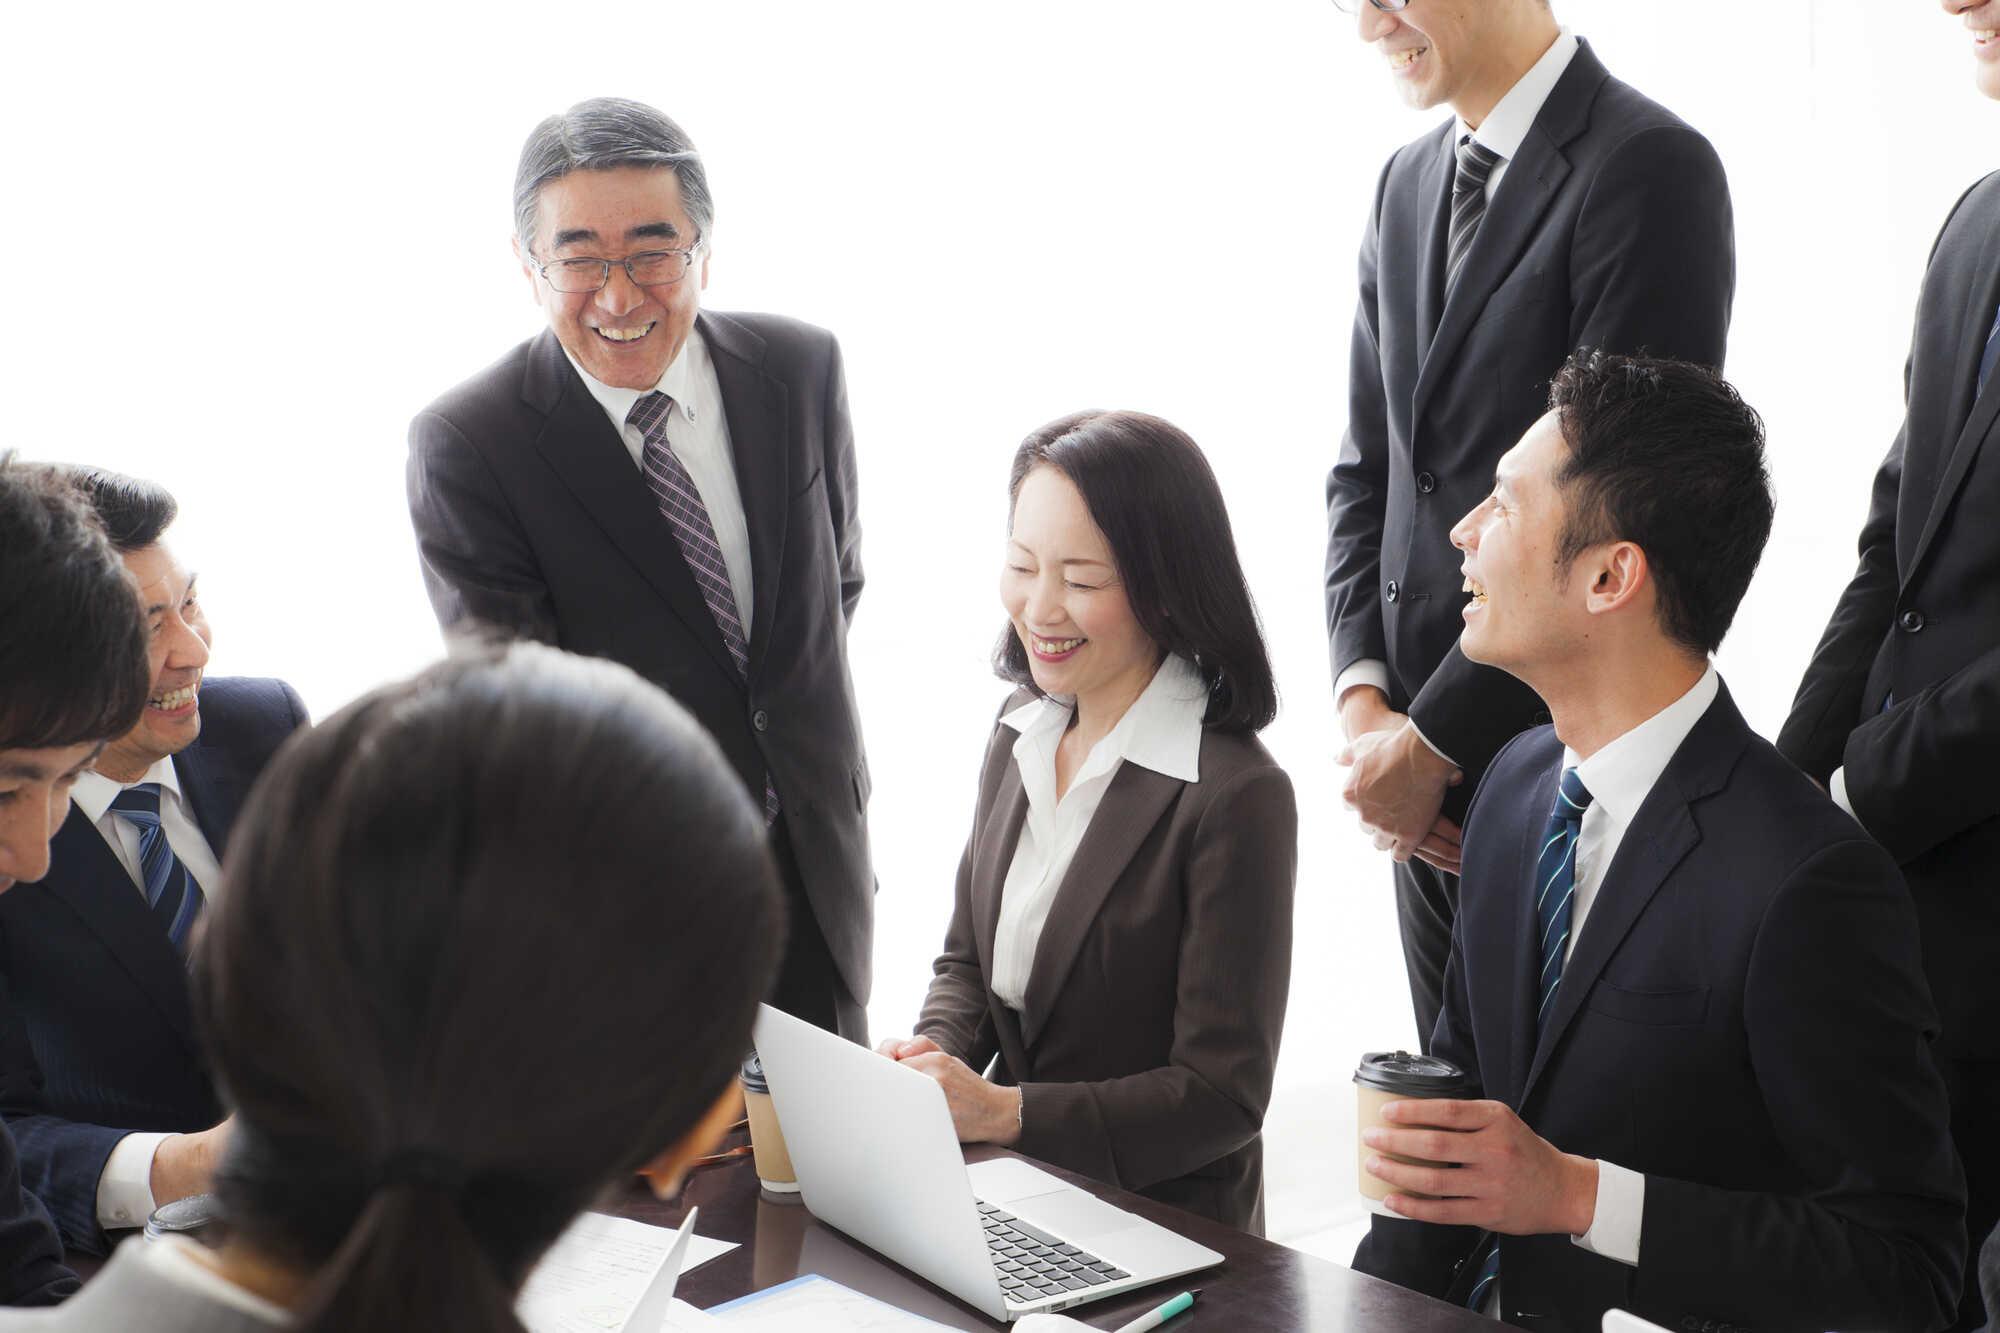 社員のオーナーシップを育むマネジメントとコミュニケーション